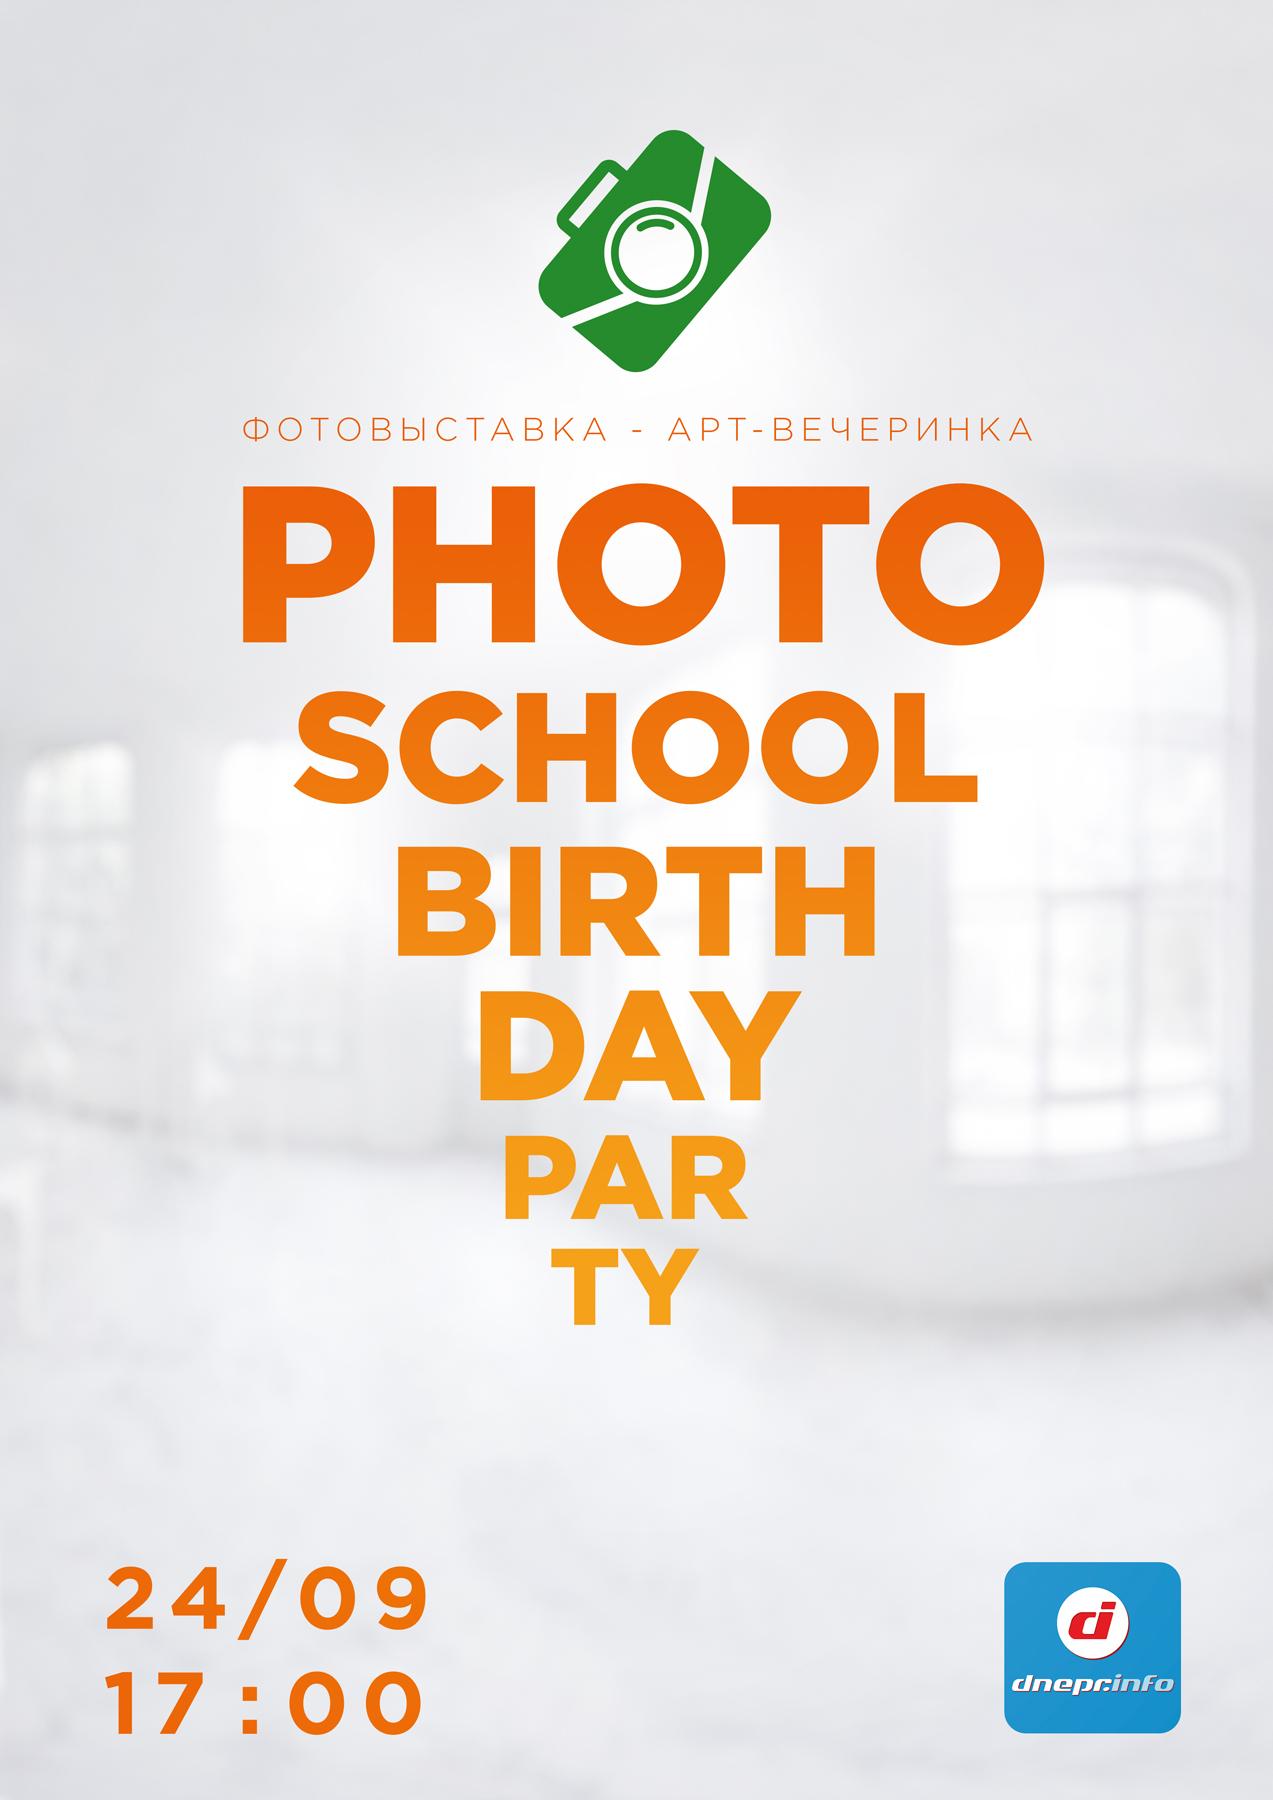 BirthdayParty_DI